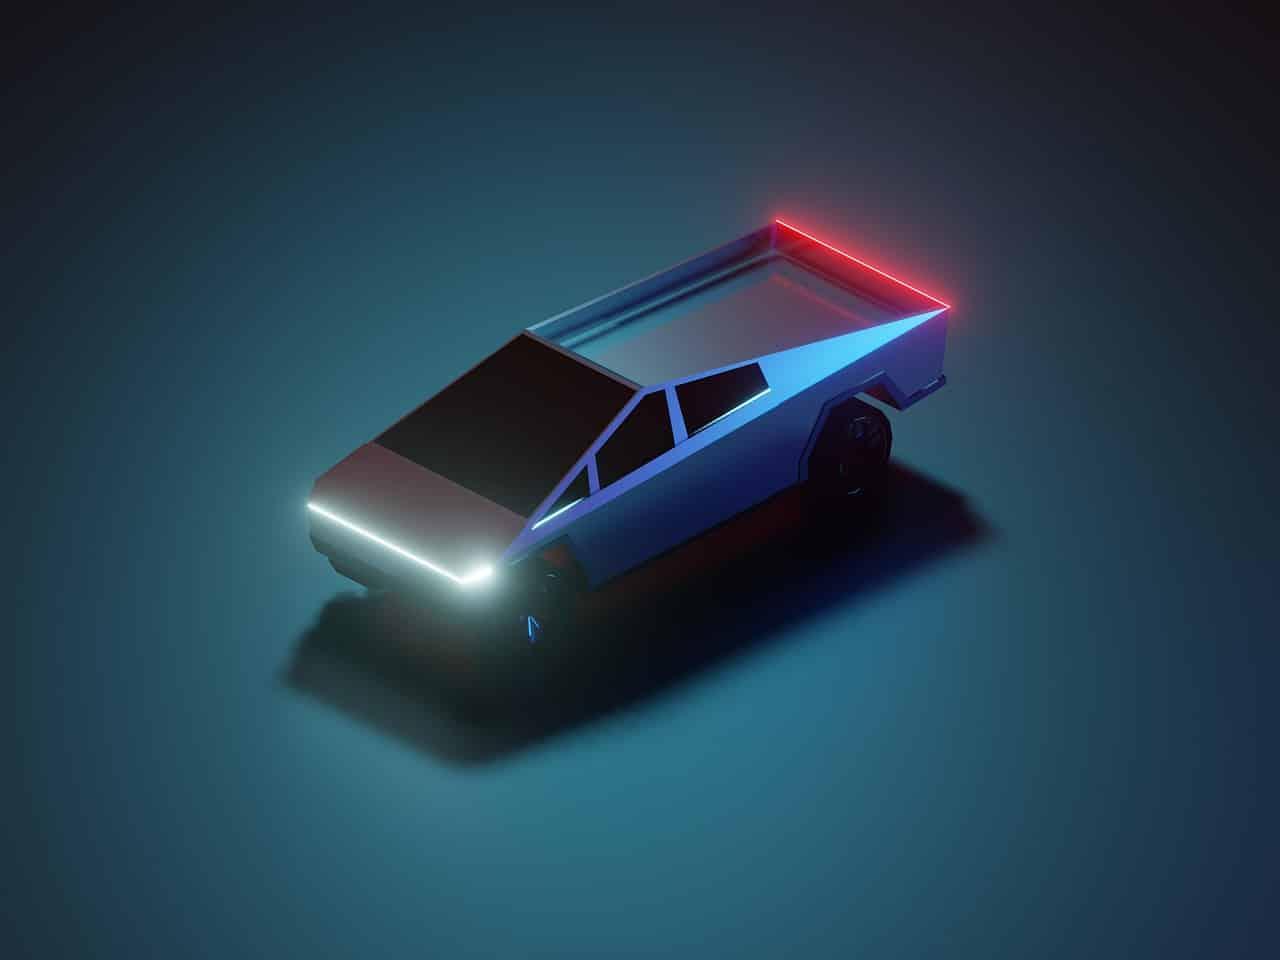 Une illustration représentant le Cybertruck de Tesla